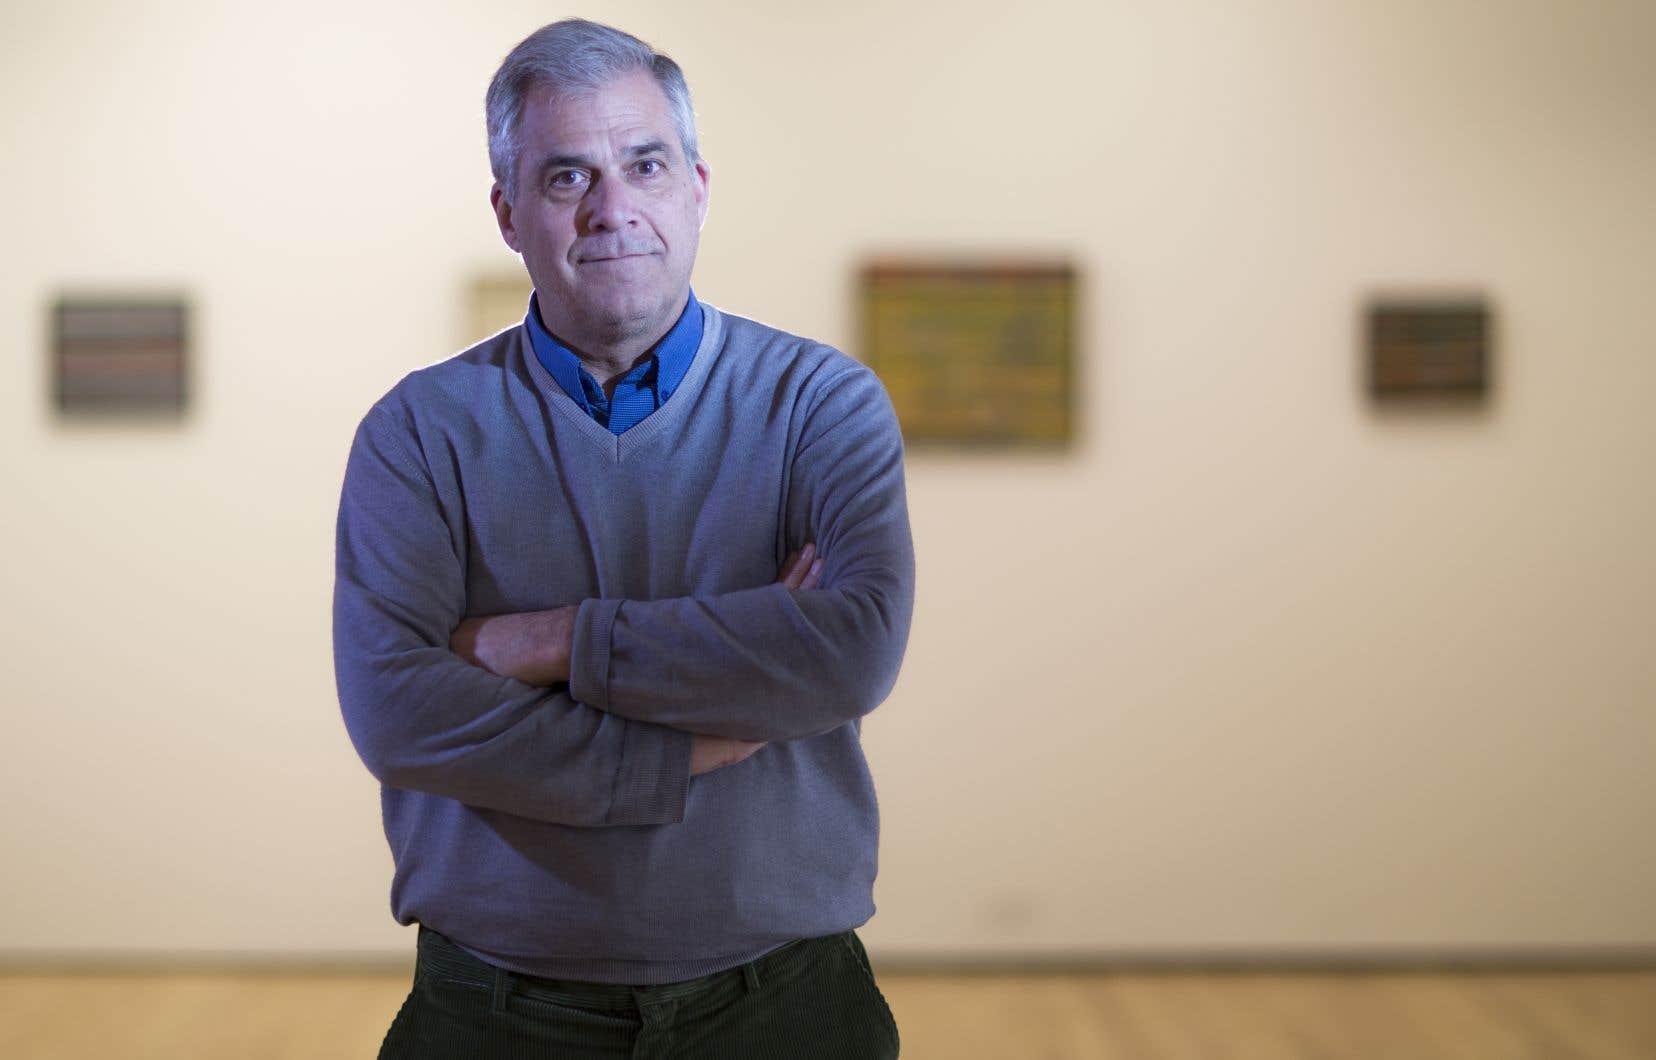 «Aujourd'hui le mal est fait, dit Pierre Bourgie. Cette crise aurait pu être évitée, mais en la déplaçant sur la place publique pour des raisons personnelles, [MmeBondil] aura sans doute fragilisé le Musée qui, rappelons-le, doit aussi son succès au soutien de ses bienfaiteurs.»